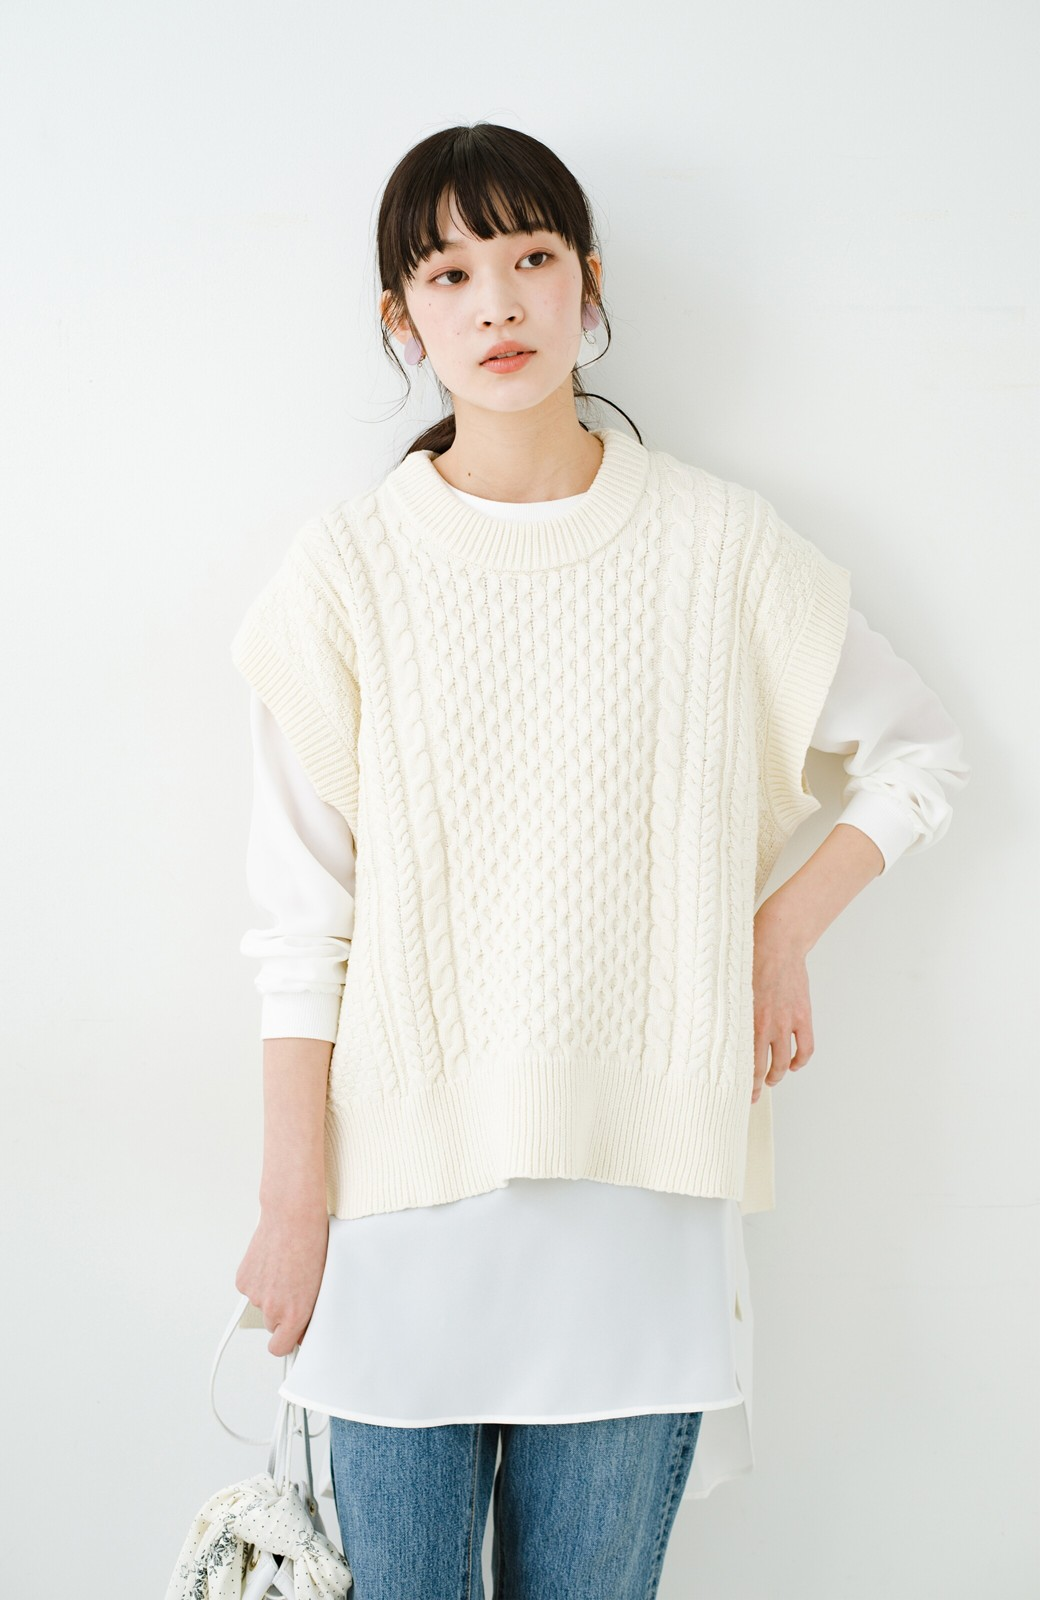 haco! ワンピースやシャツに重ねるだけであっという間に今っぽくなれるケーブル編みニットベスト <アイボリー>の商品写真21